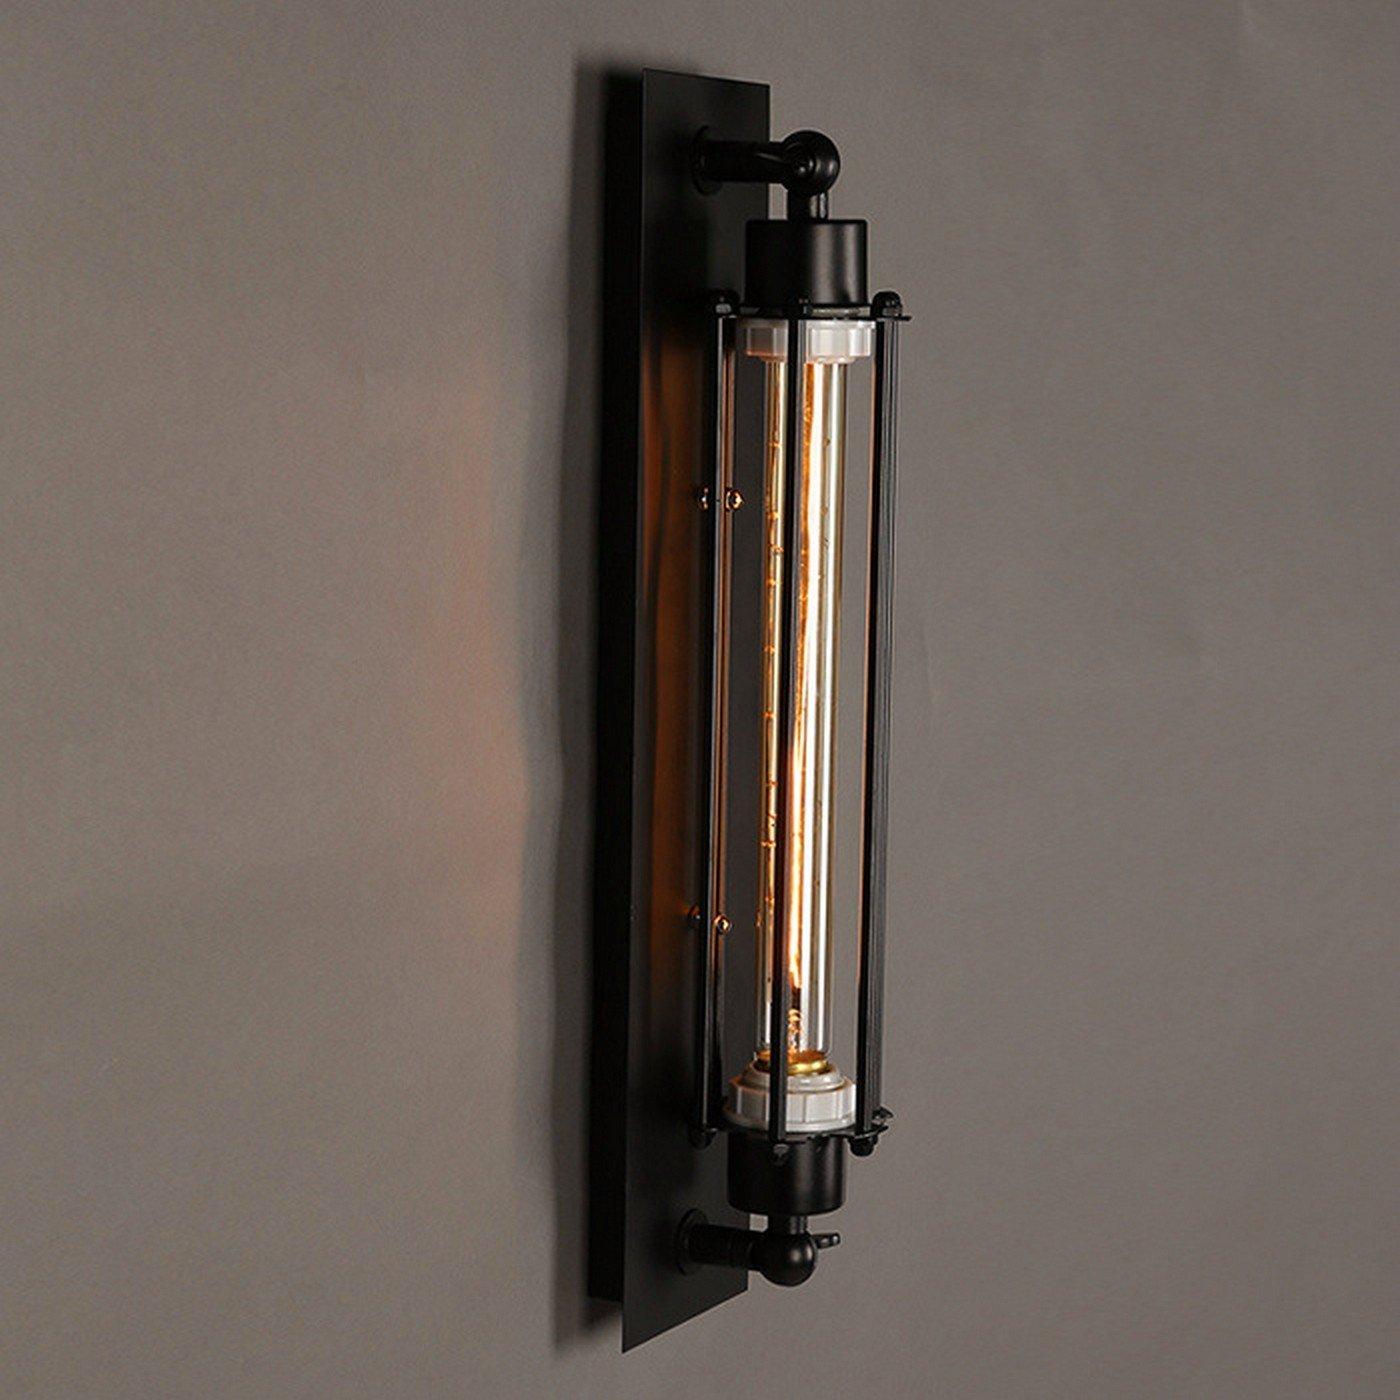 Anbiratlesn Modern E27 Vintage Rustikal Wandlampe für Schlafzimmer Wohnzimmer Korridor Badezimmer Küche Loft Flöte Industrial Wind Schmiedeeisen 10  47 CM